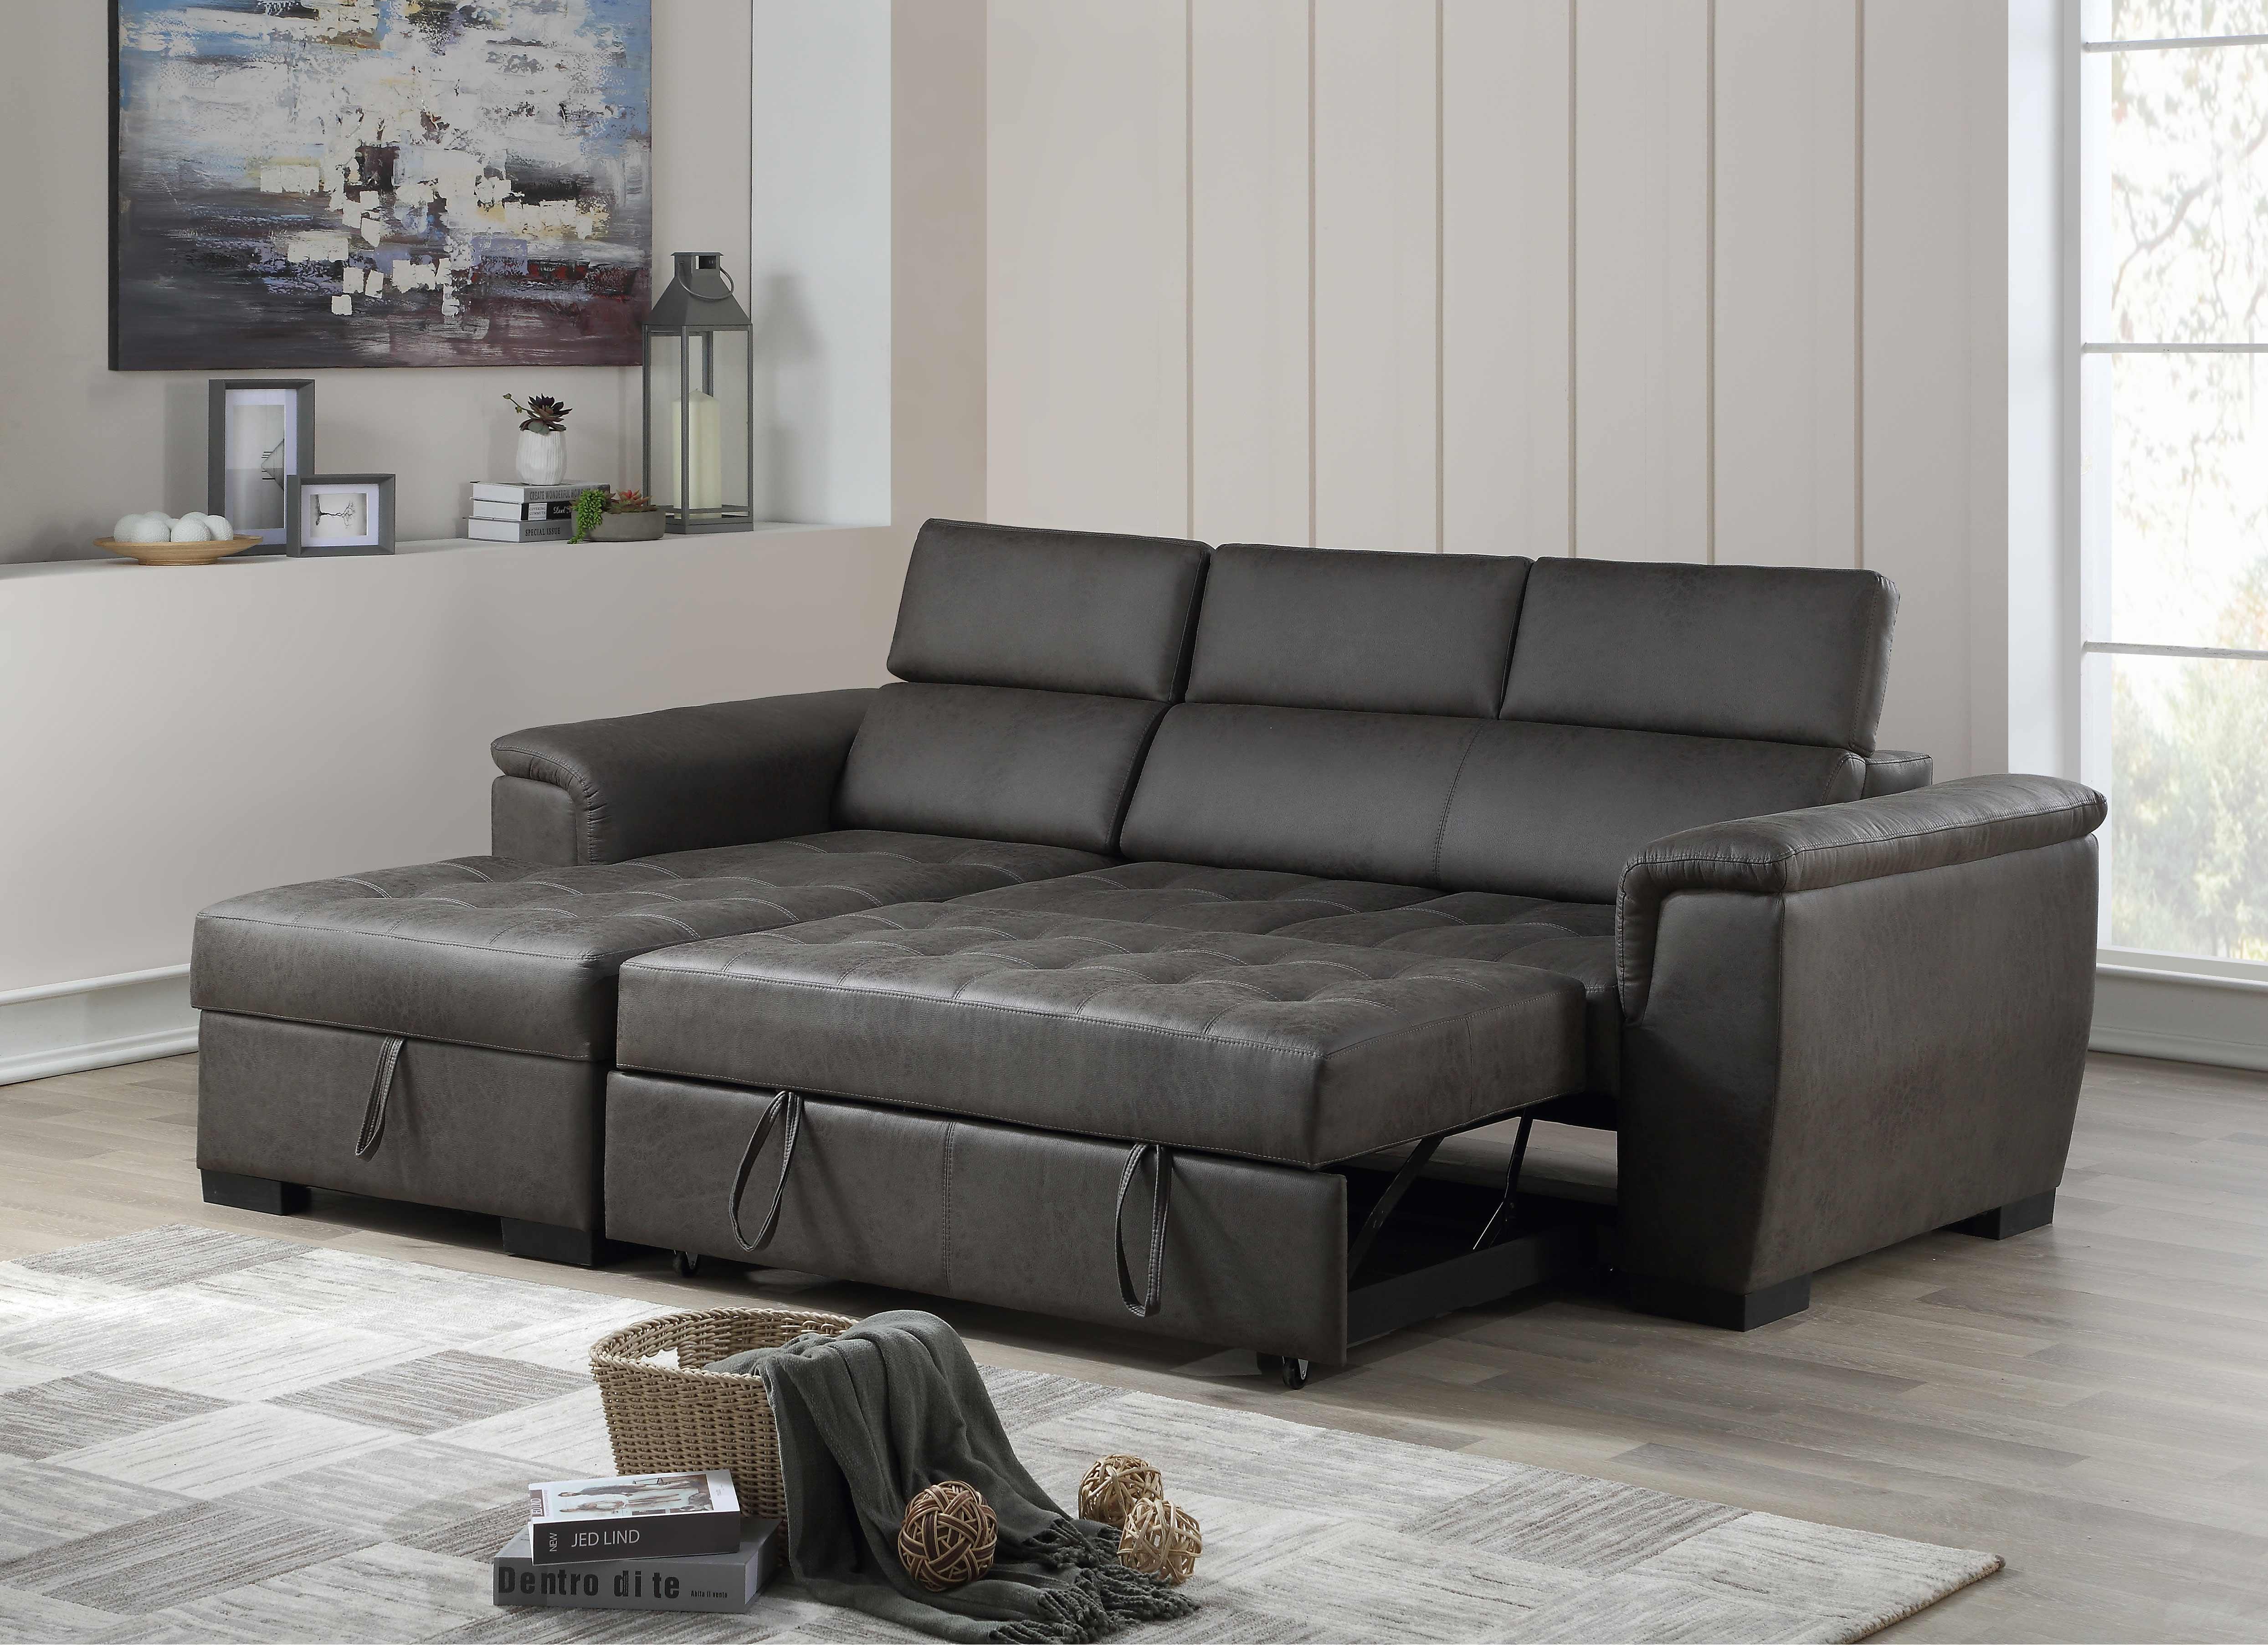 Wondrous 8009 Air Leather Pull Out Sectional Sofa Left 8009 Inzonedesignstudio Interior Chair Design Inzonedesignstudiocom